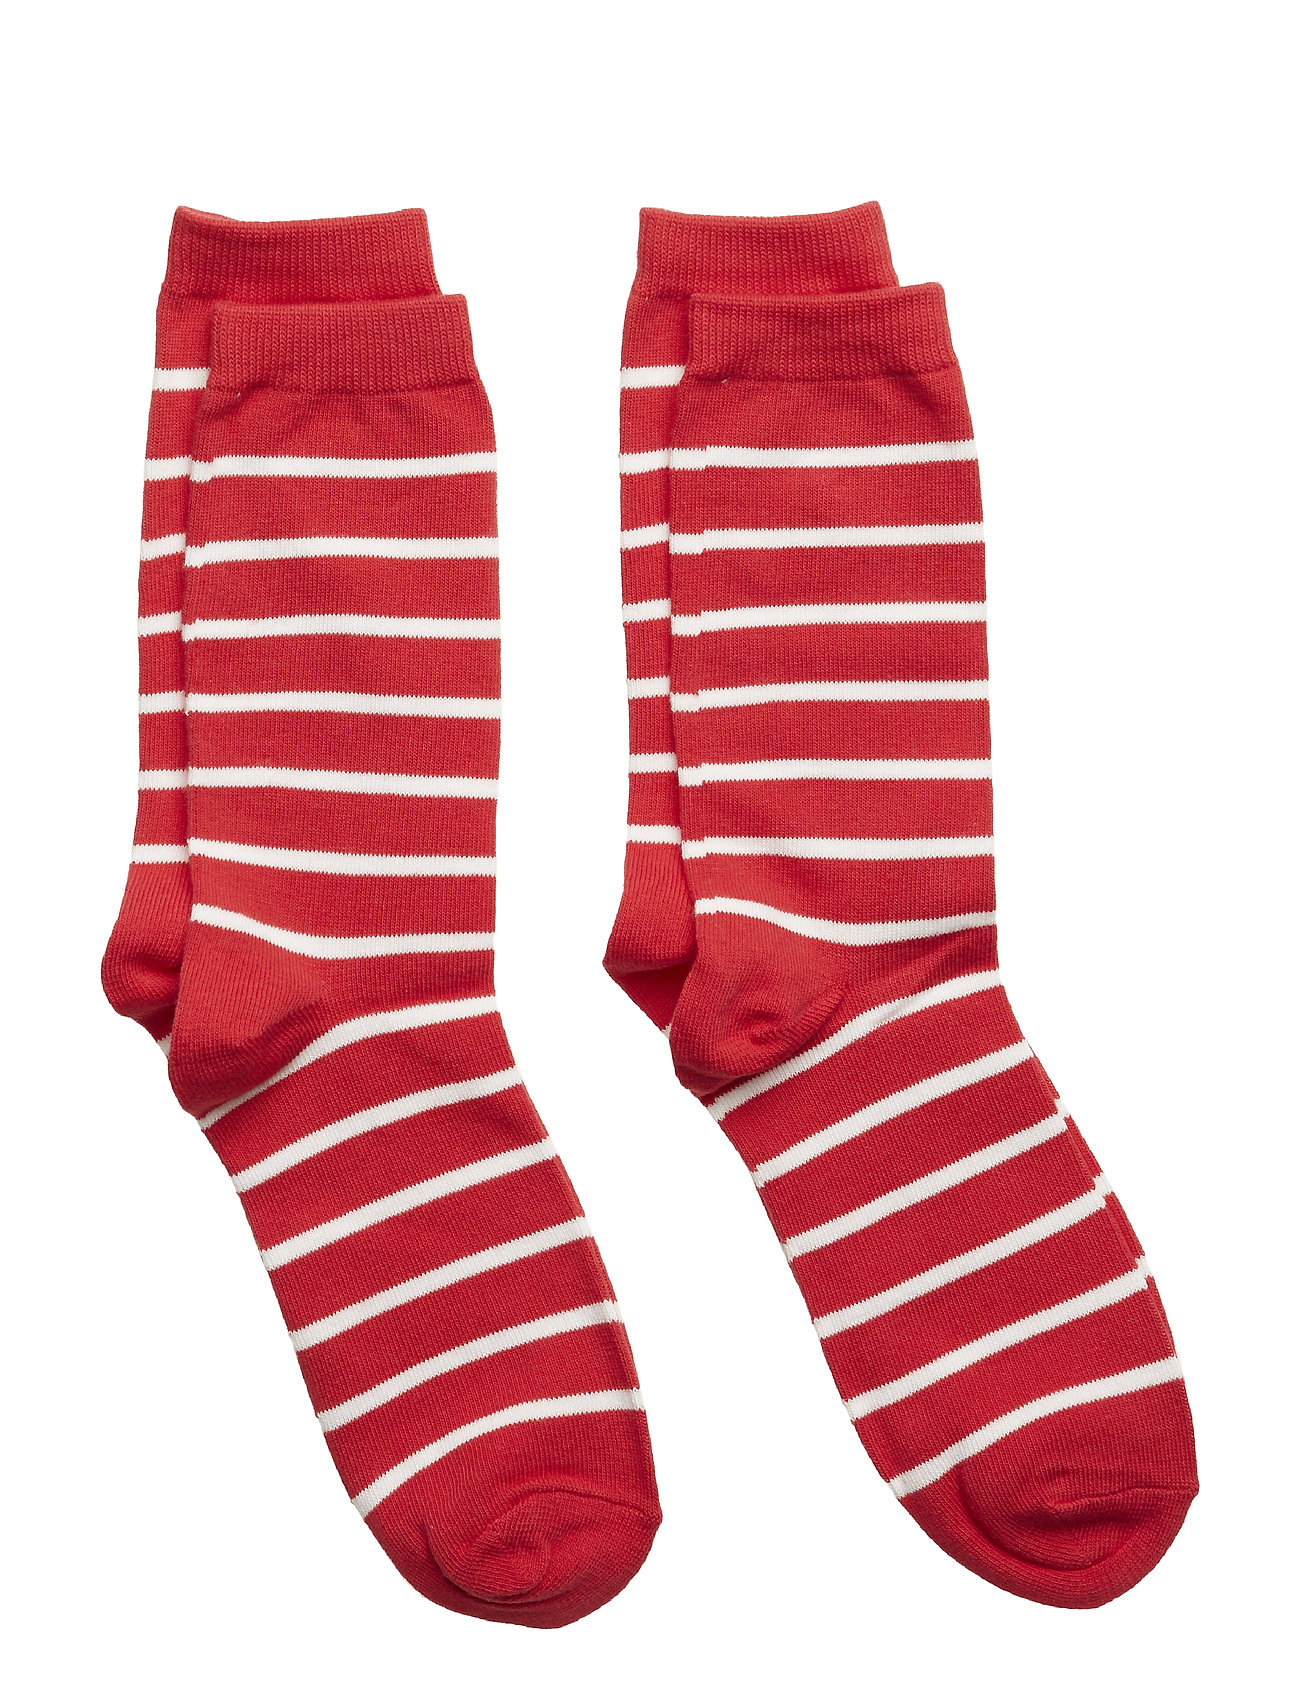 Polarn O. Pyret Socks 2-P PO.P Stripe - SKI PATROL